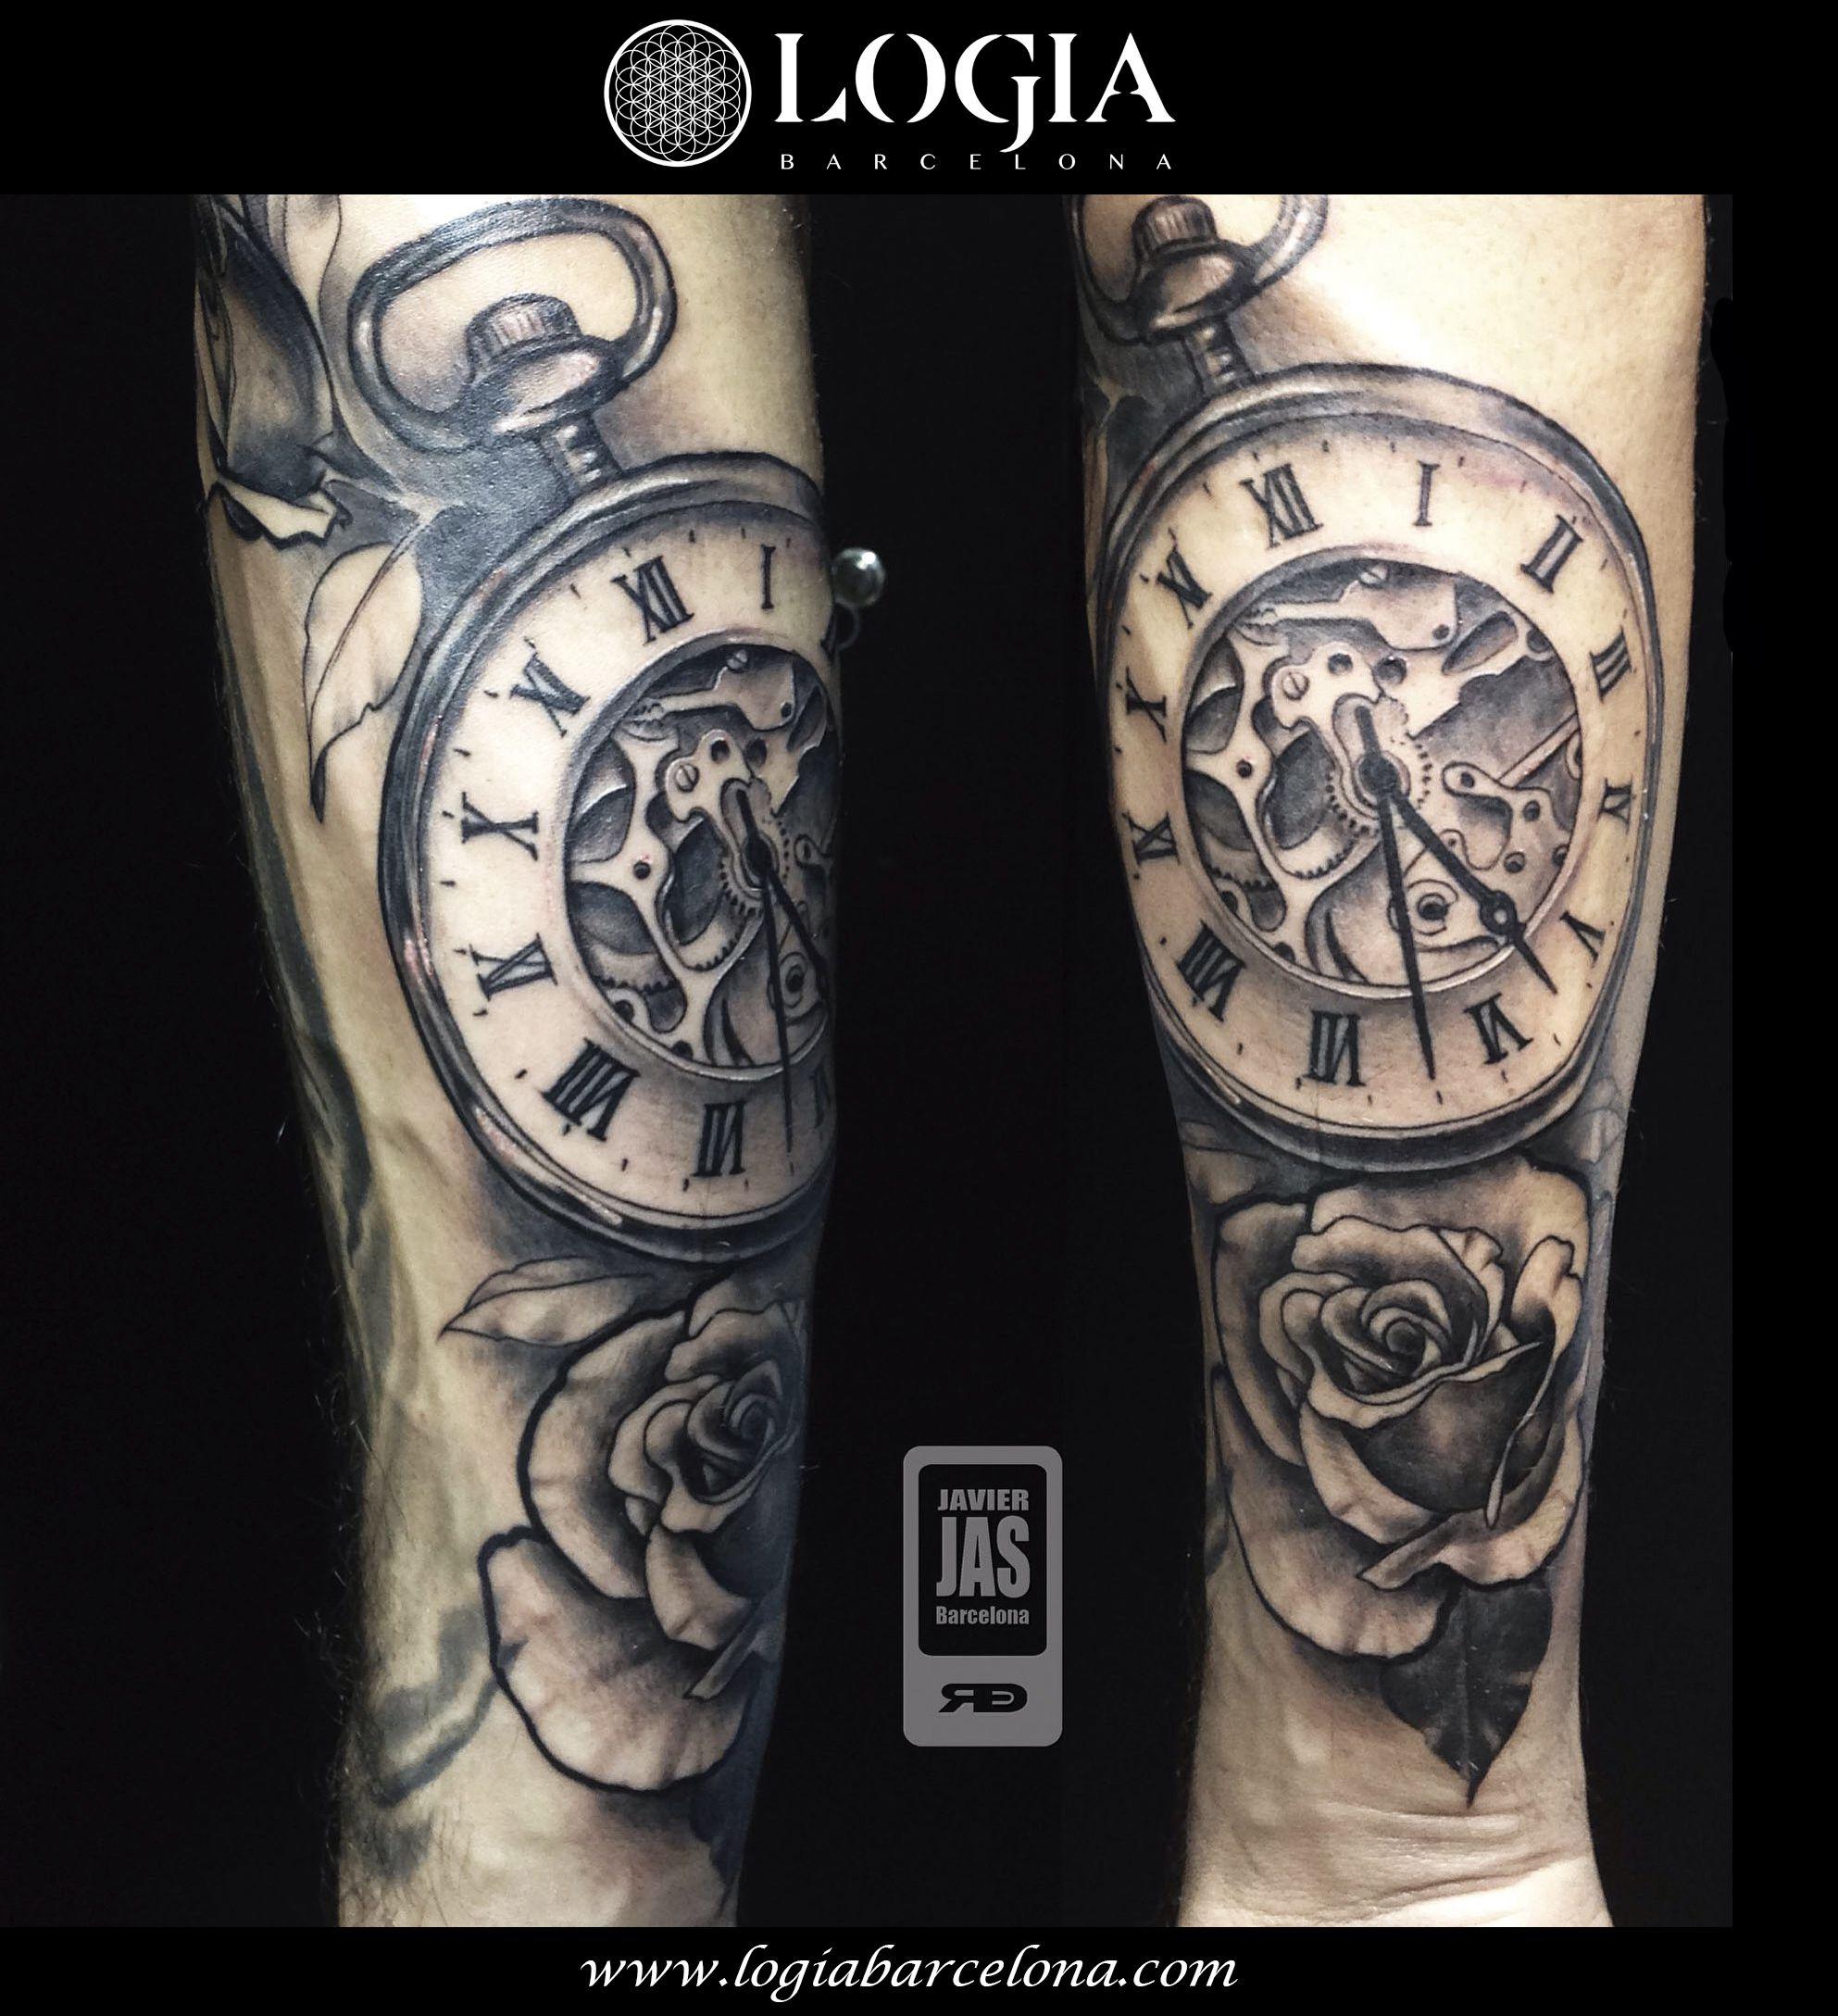 Tatuaje de reloj de arena | Tatuajes Logia Barcelona